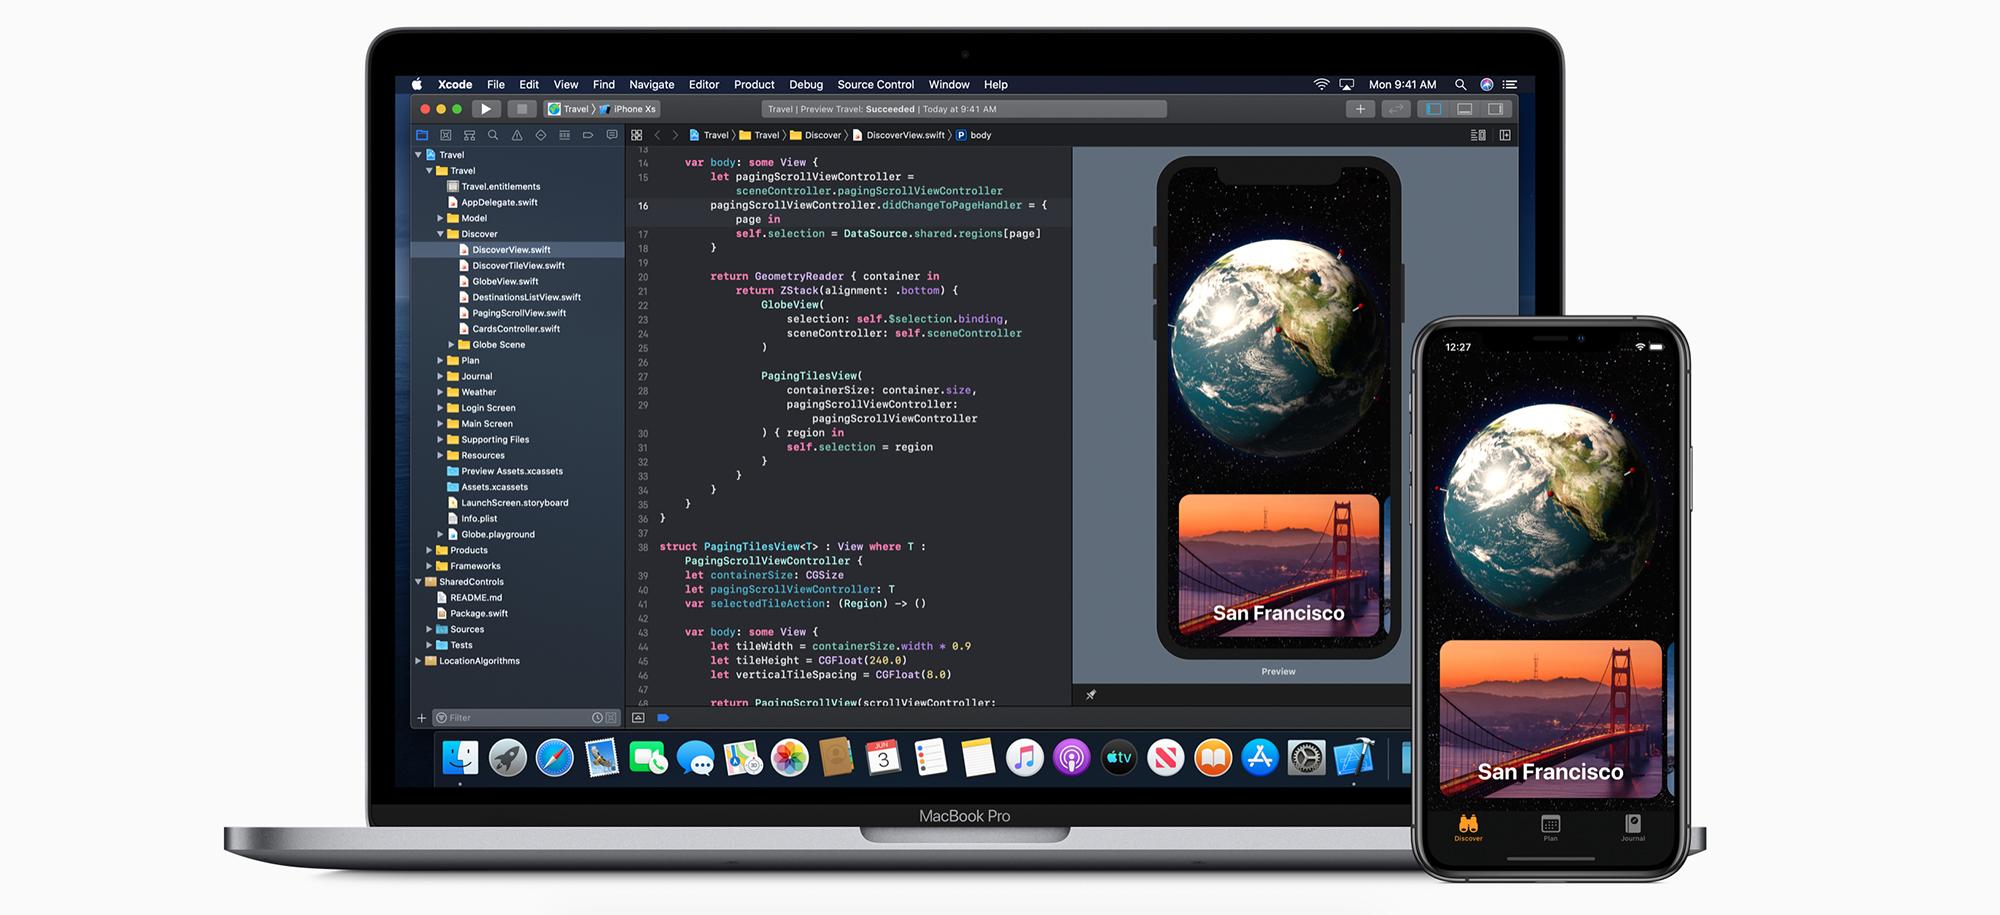 Xcode ryktas vara på gång till iOS 14 och iPadOS 14 Koda appar till iOS, macOS och iPadOS på iPhone och iPad